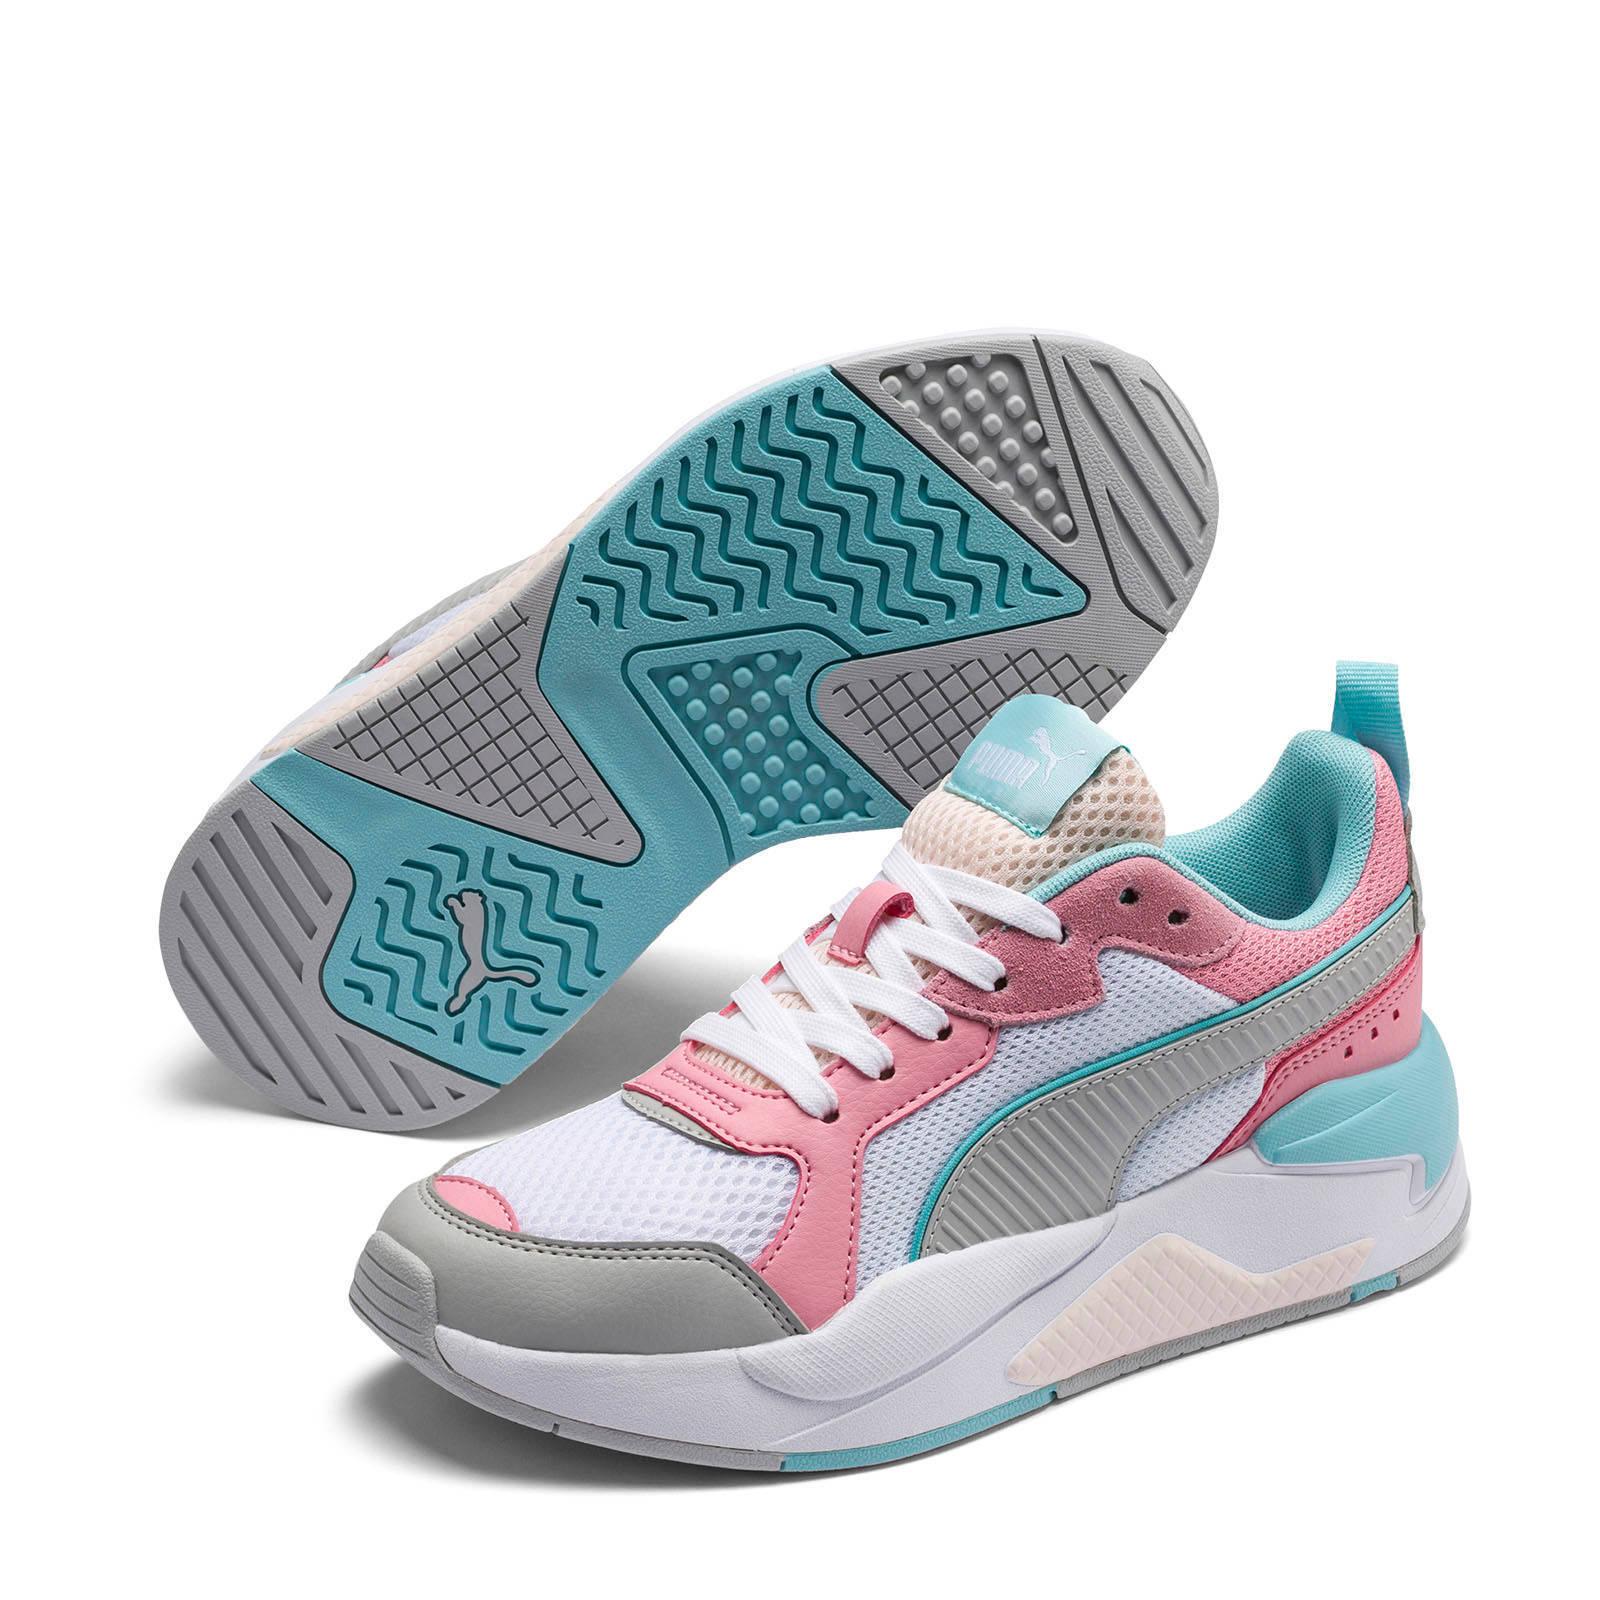 Puma X Ray Jr sneakers witrozegrijs Roze grijs, Grijs en